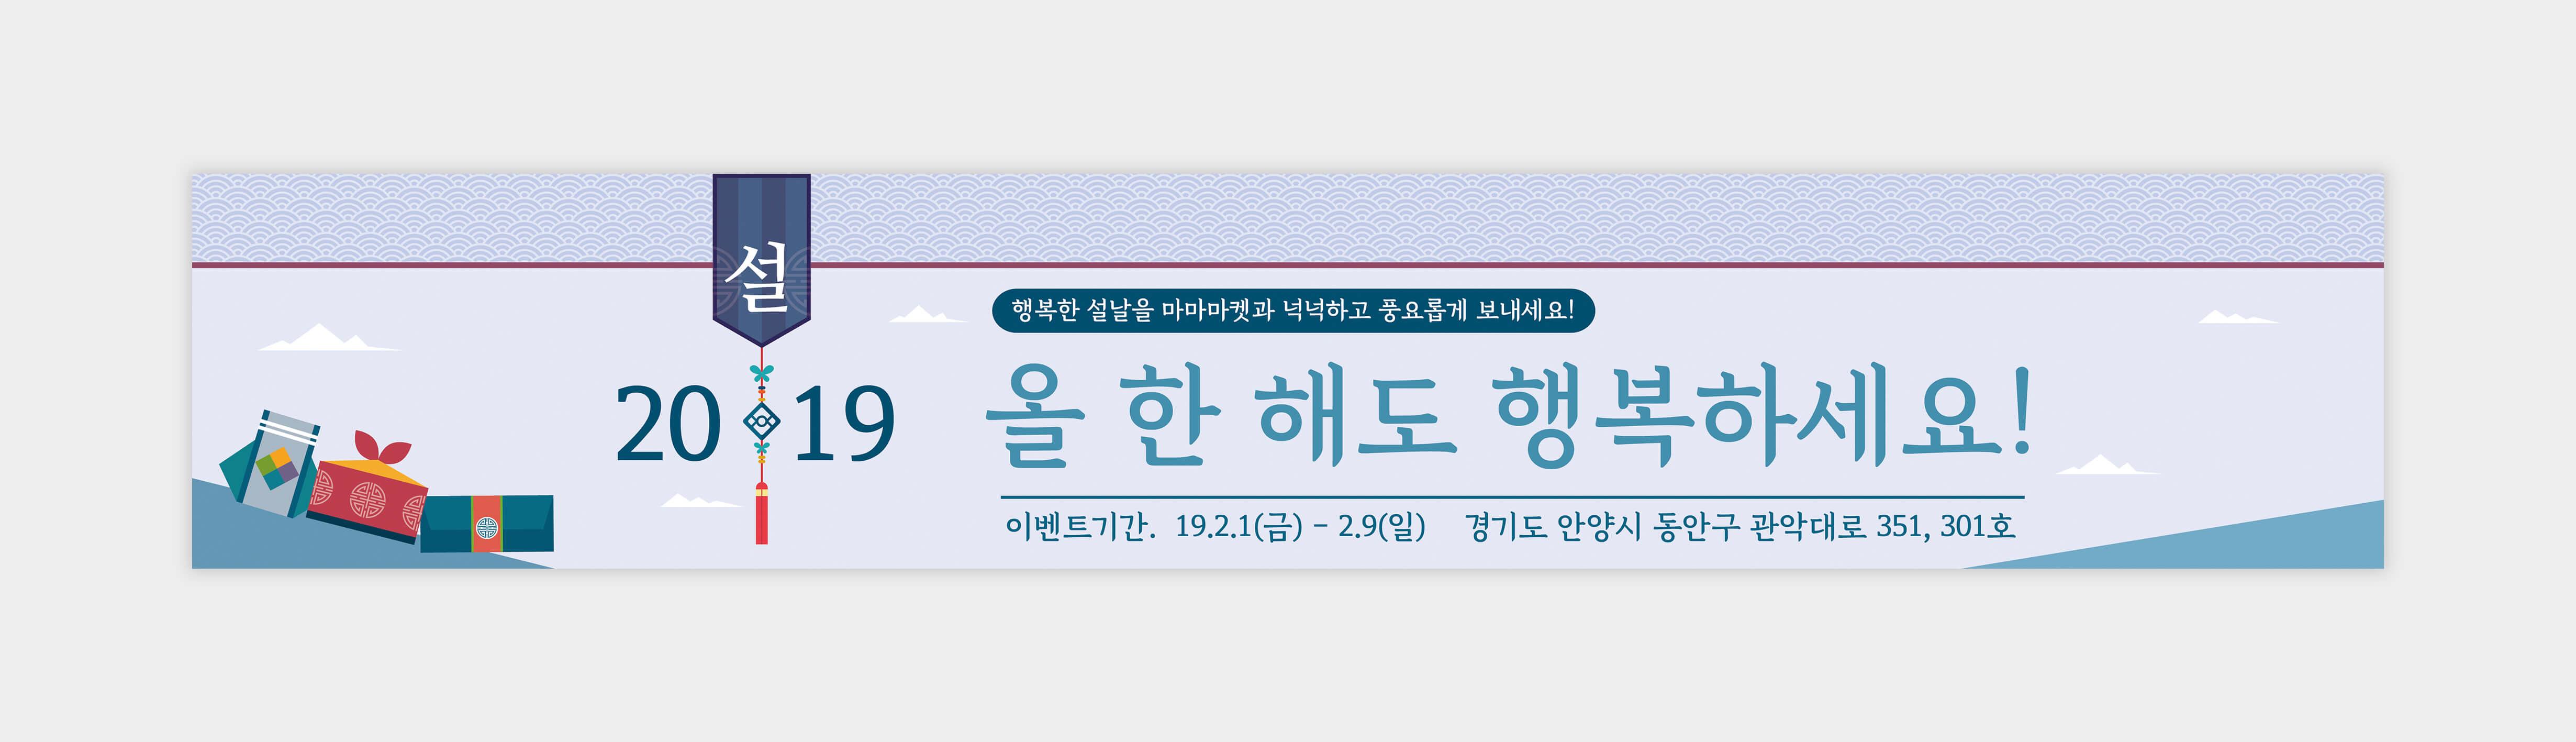 현수막_021